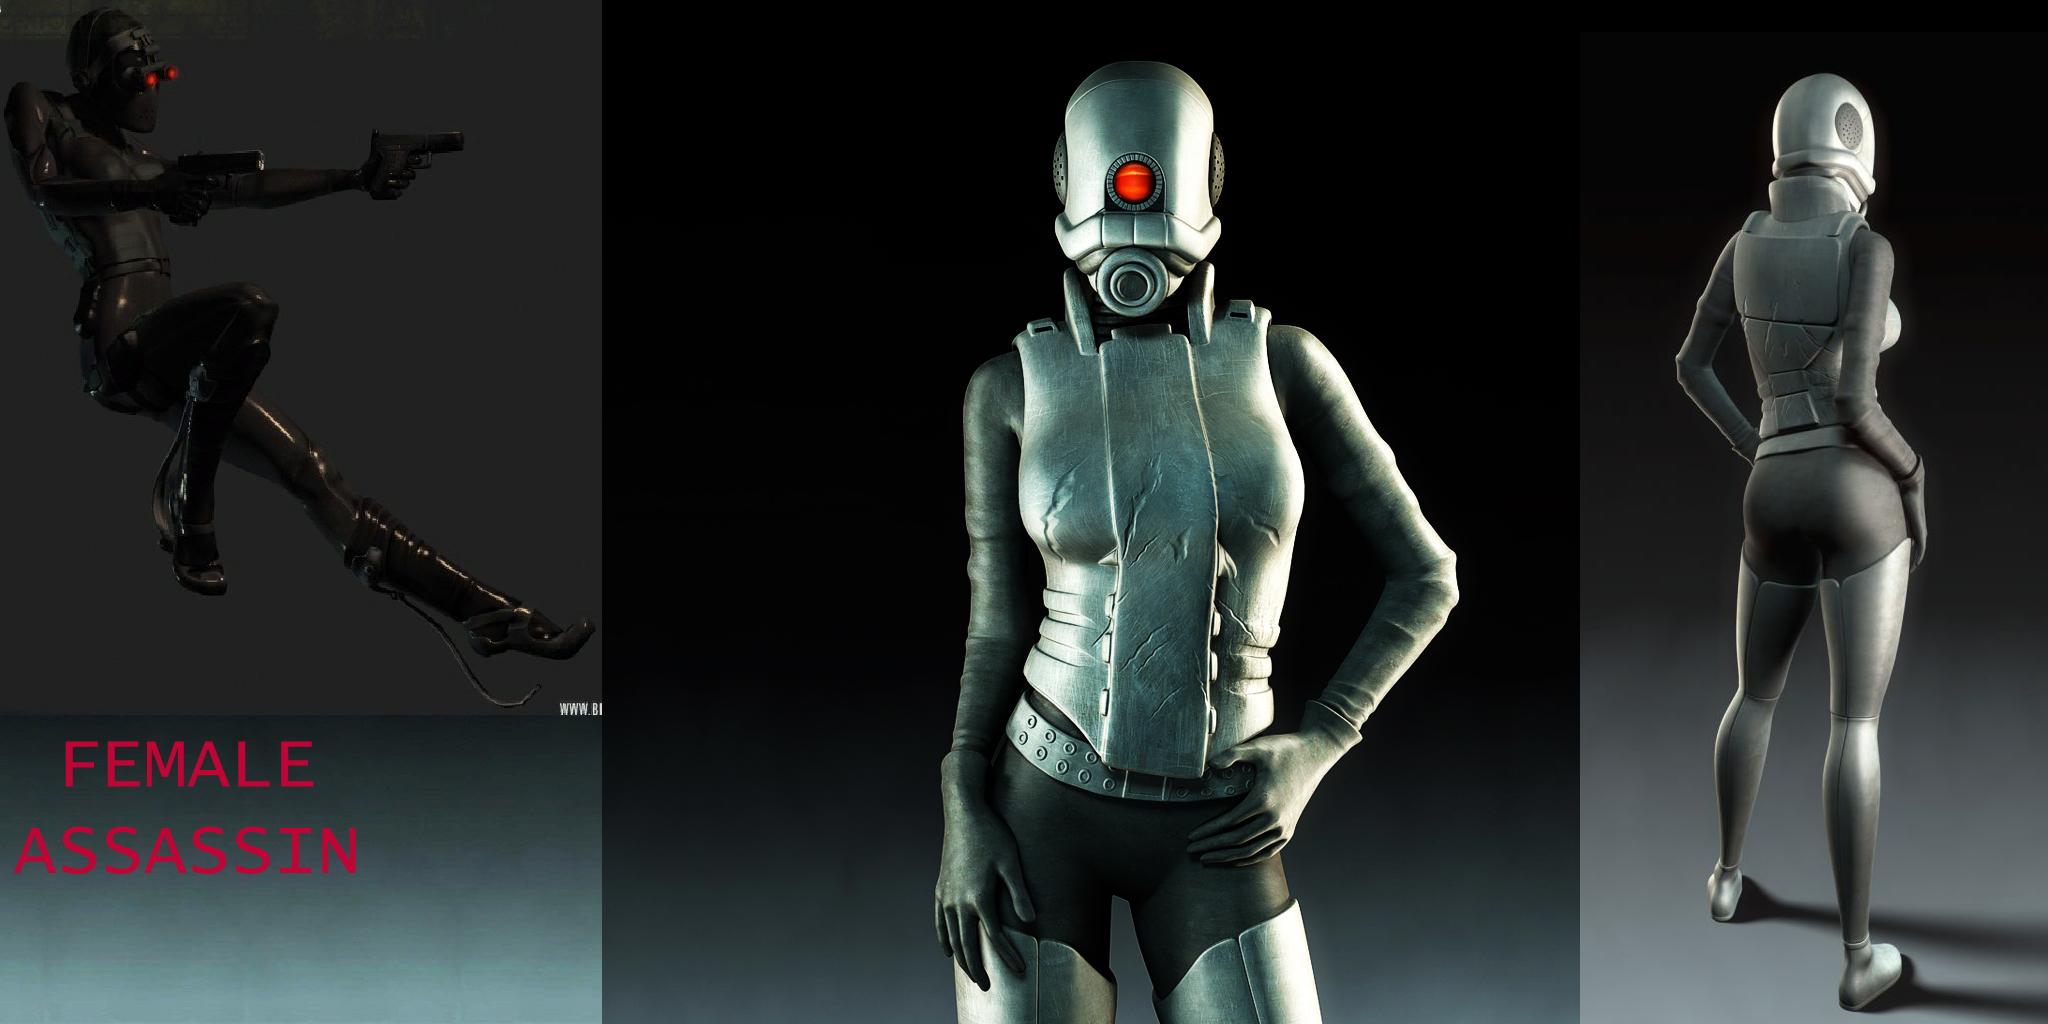 Female Assassin Background file - Garrys Mod for Half-Life 2 - Mod DB